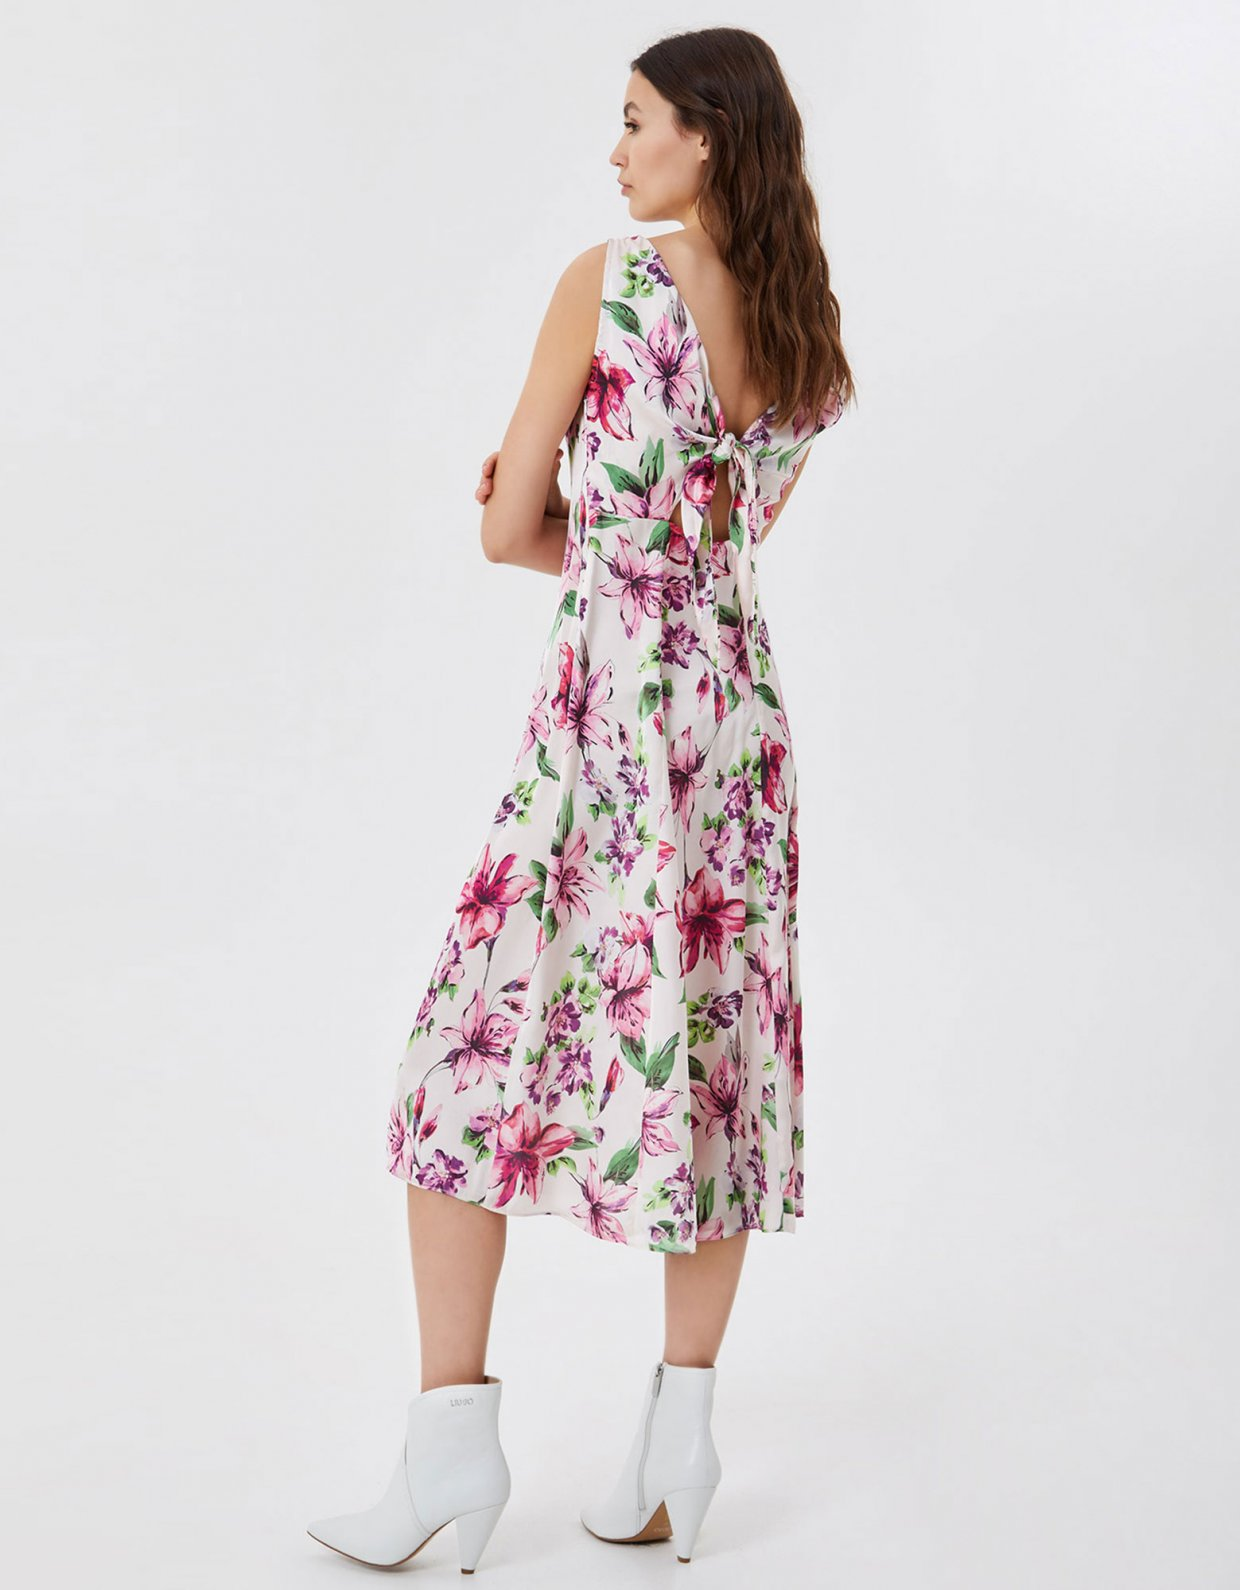 Liu Jo Midi dress with cut out floral